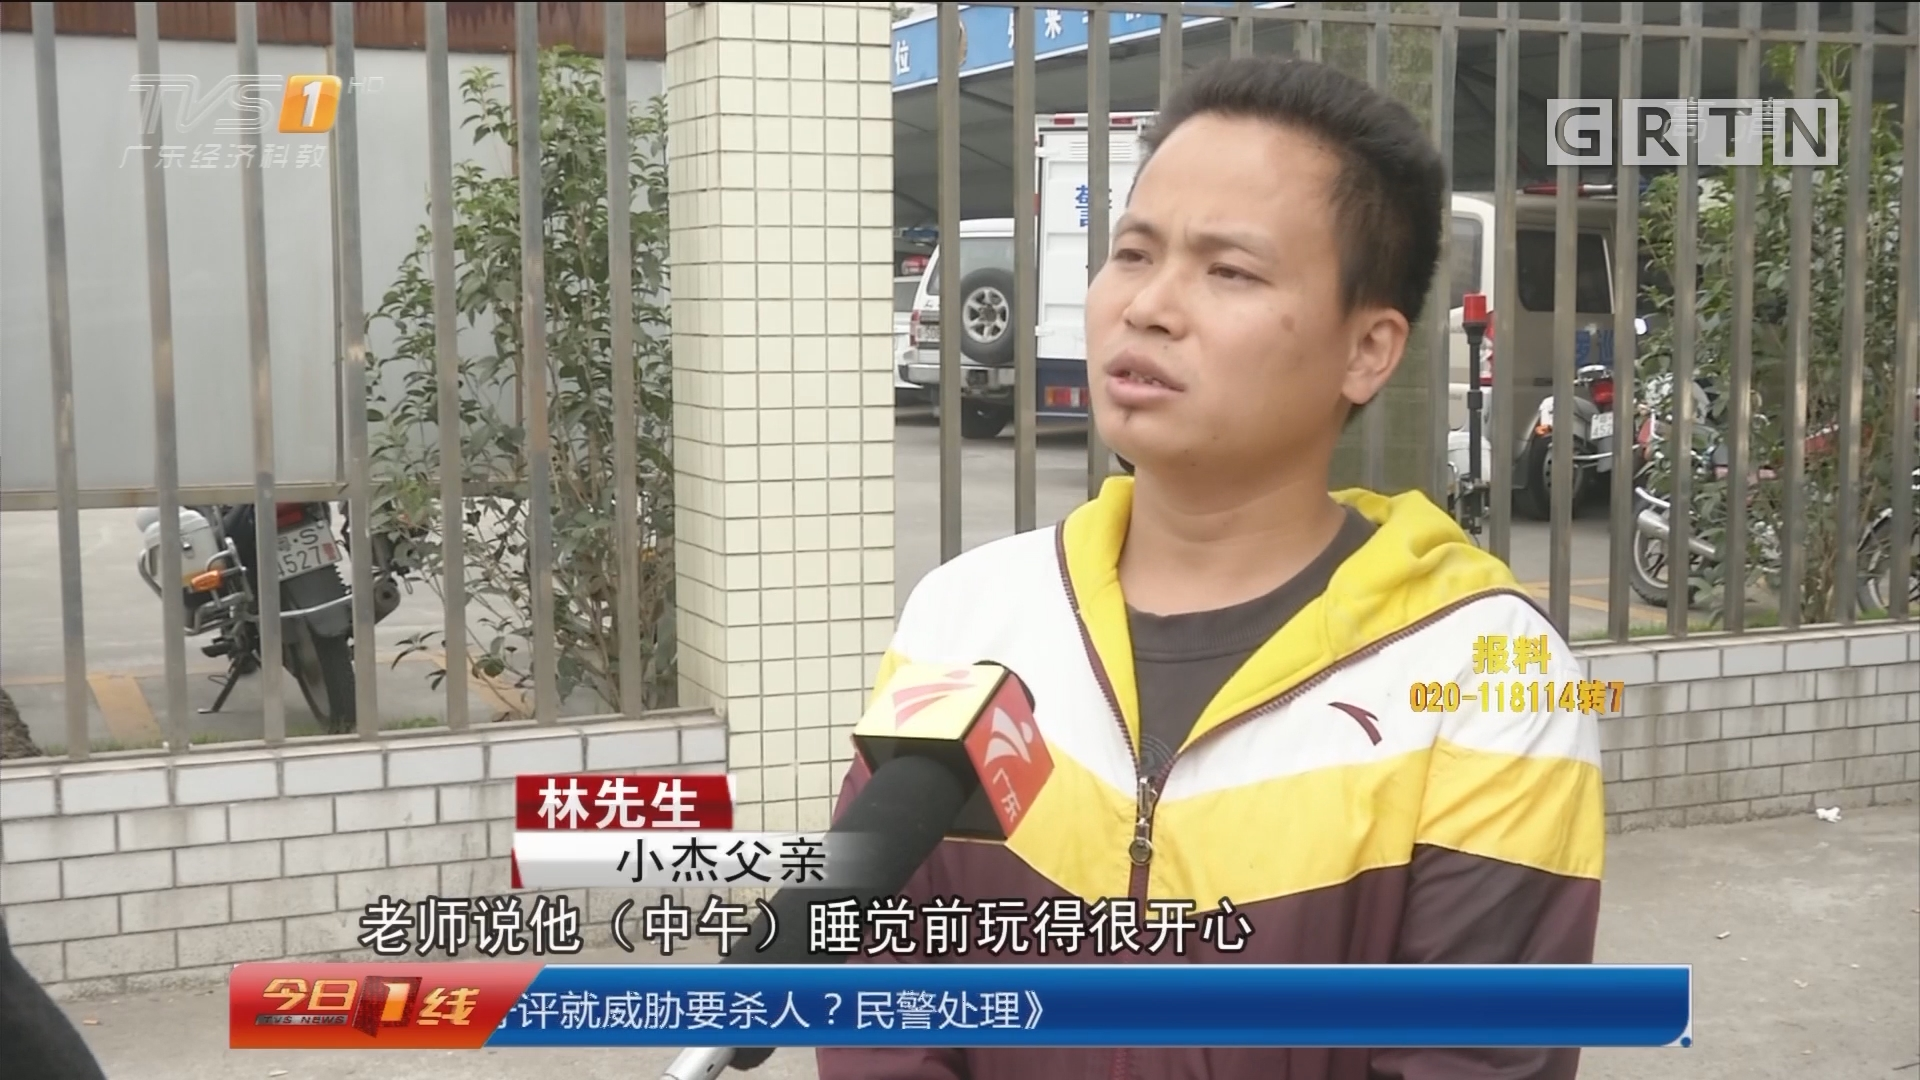 东莞警方通报:警方调查男童托儿所休克后死亡事件